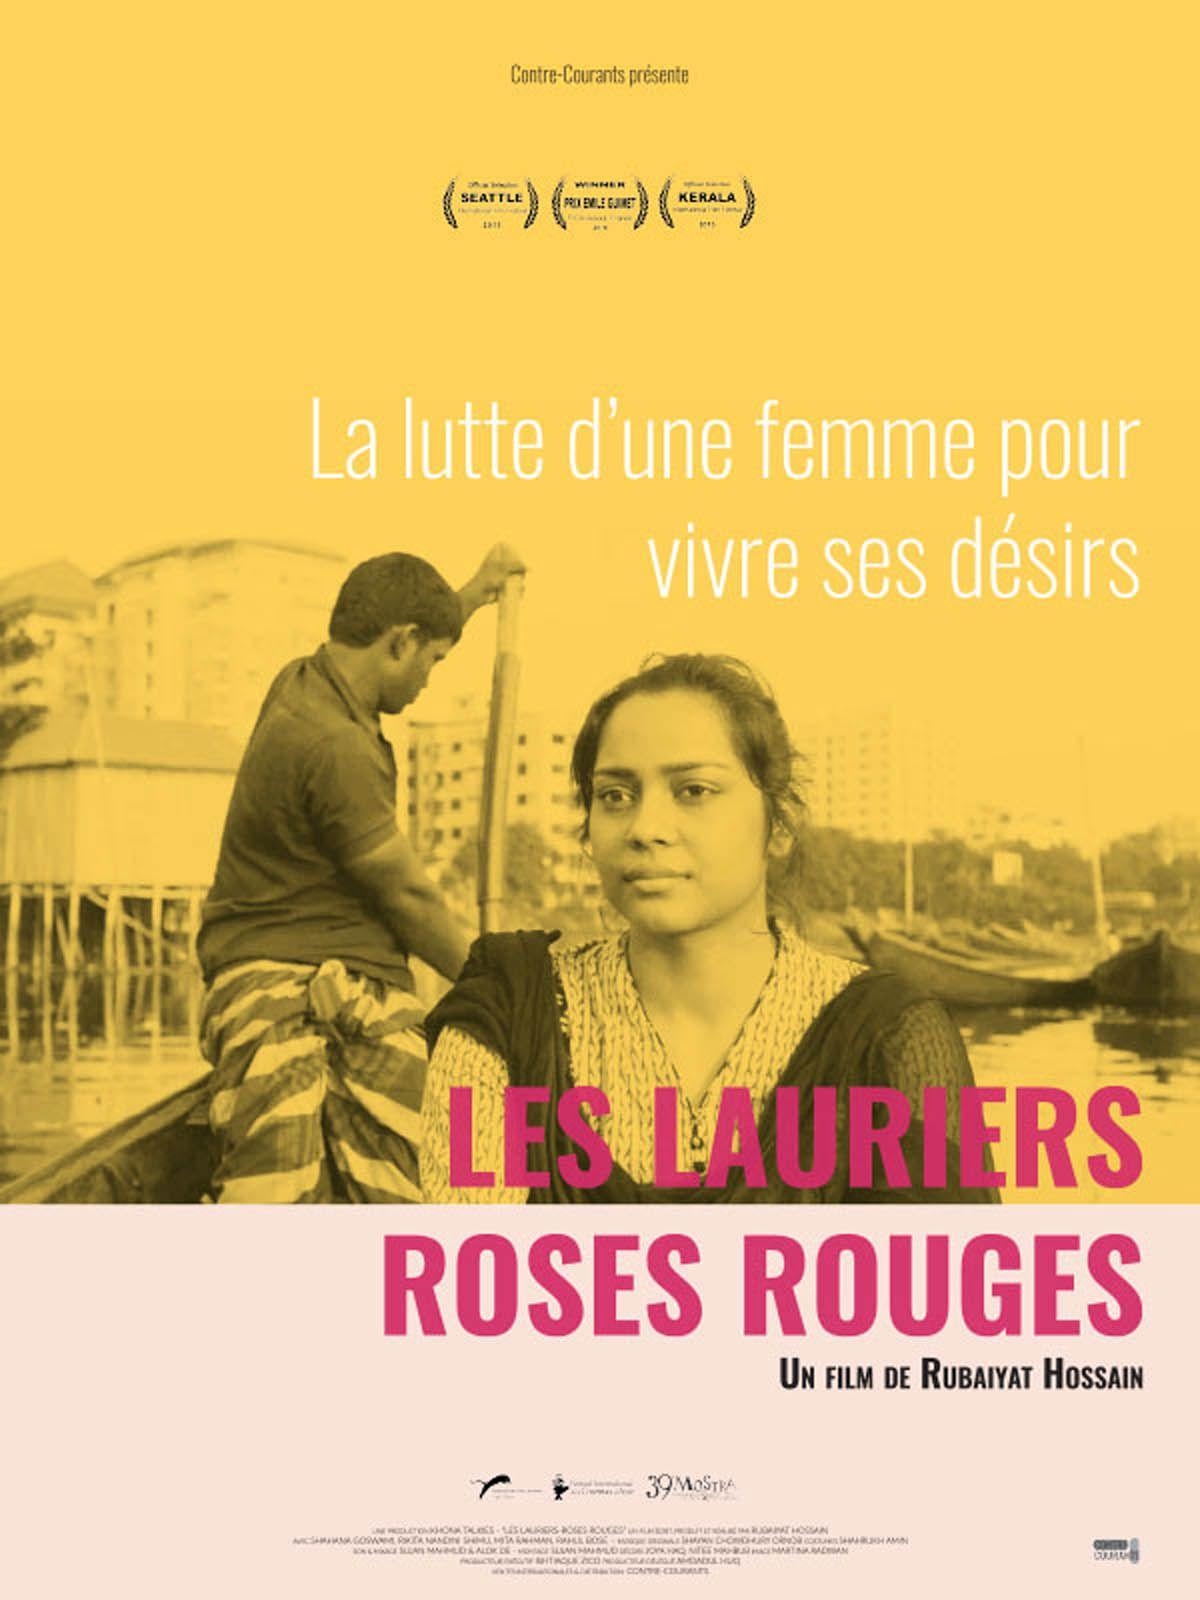 Les Lauriers-roses rouges - Film (2017)